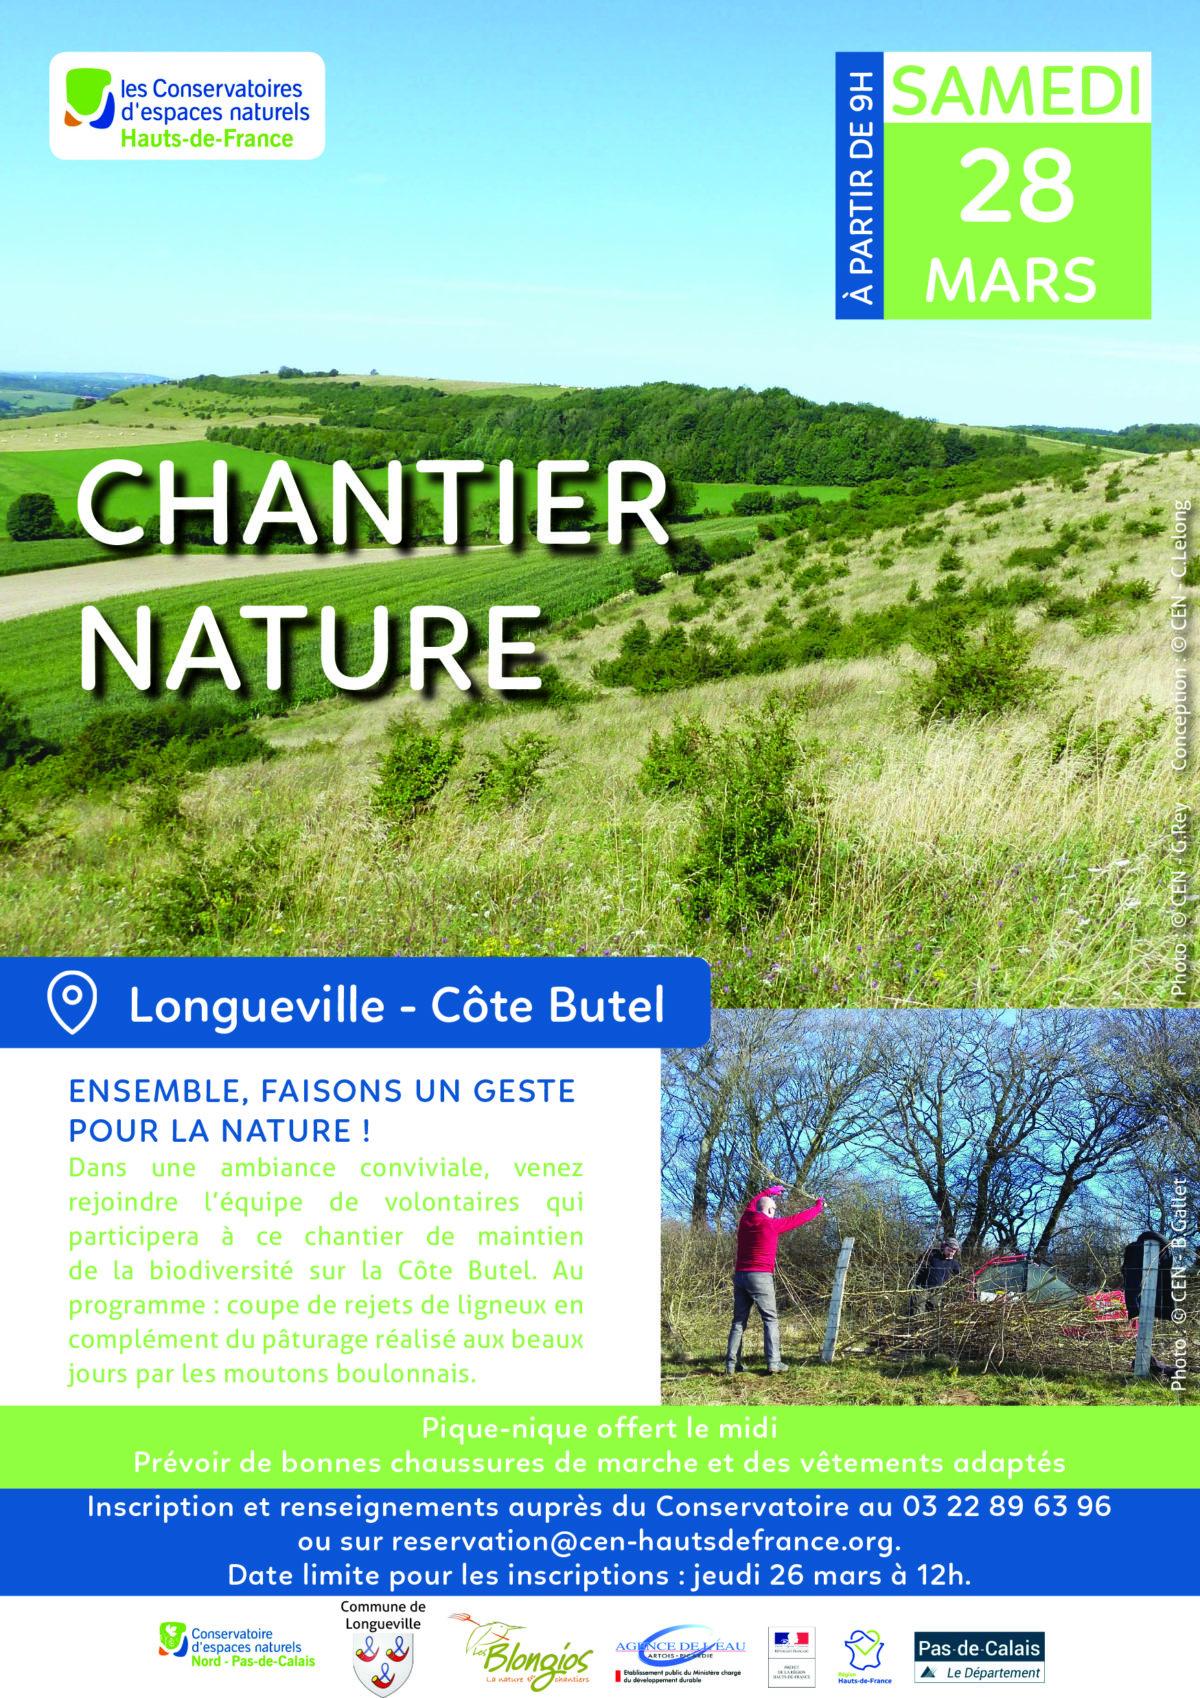 Chantier nature à Longueville